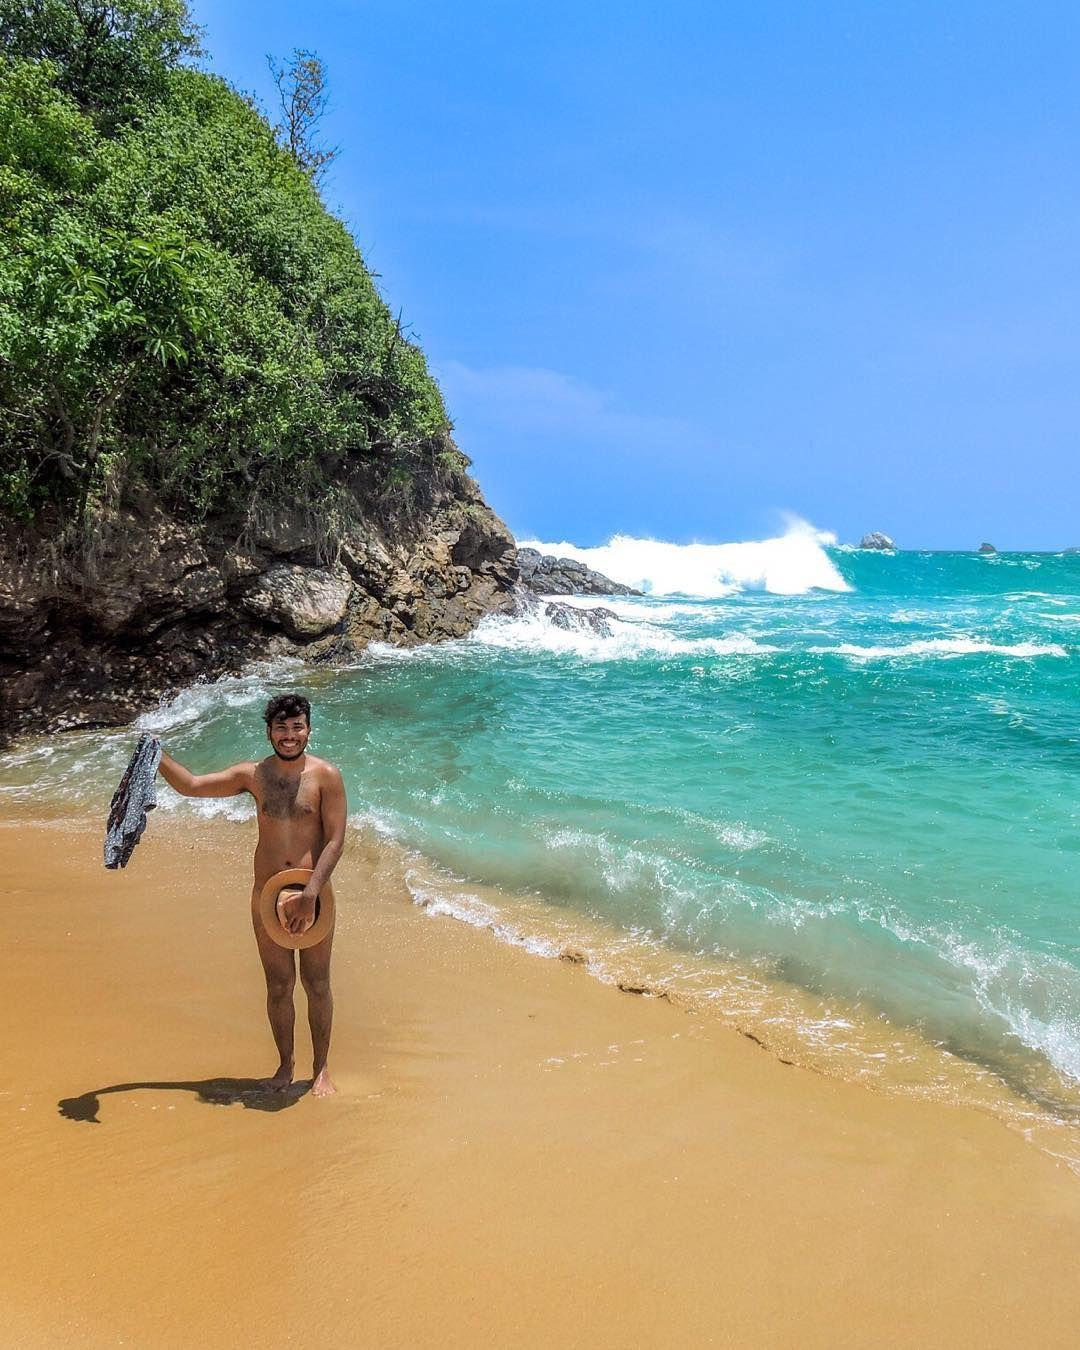 Personas desnudas en playas nudistas pic 95